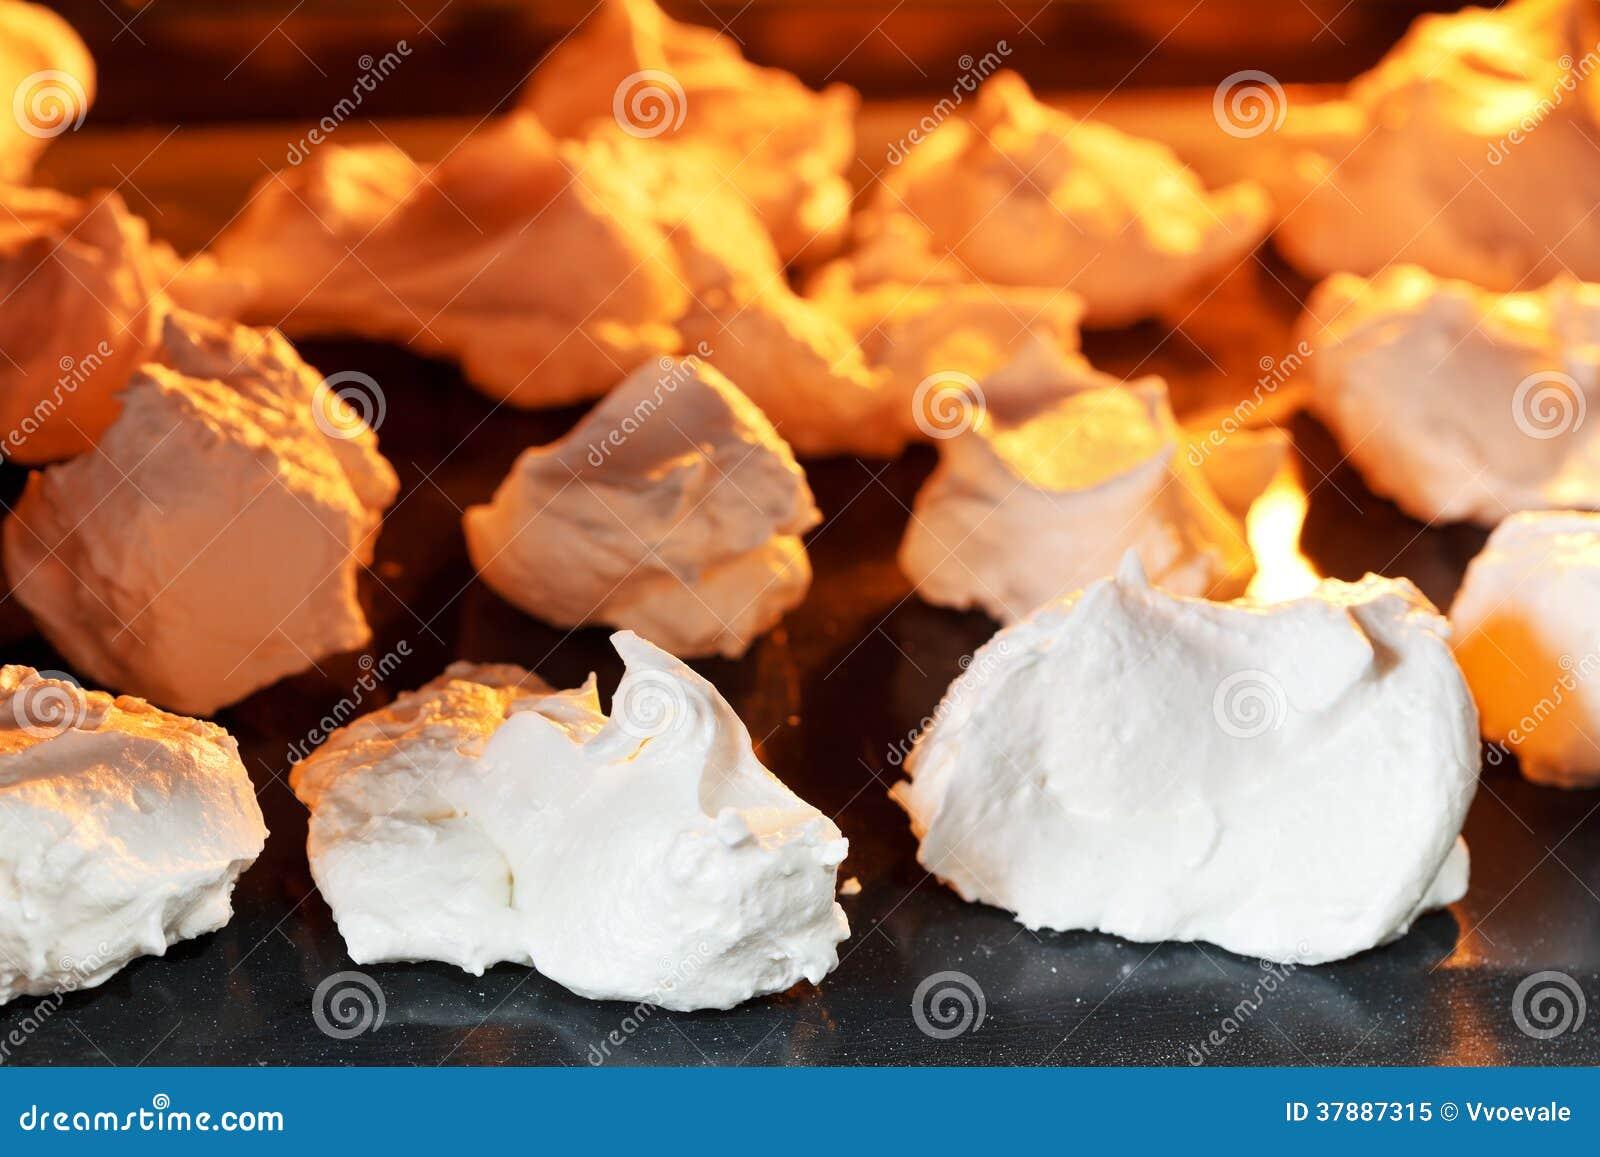 Oppervlakte van vers gebrouwen kippen hete soep